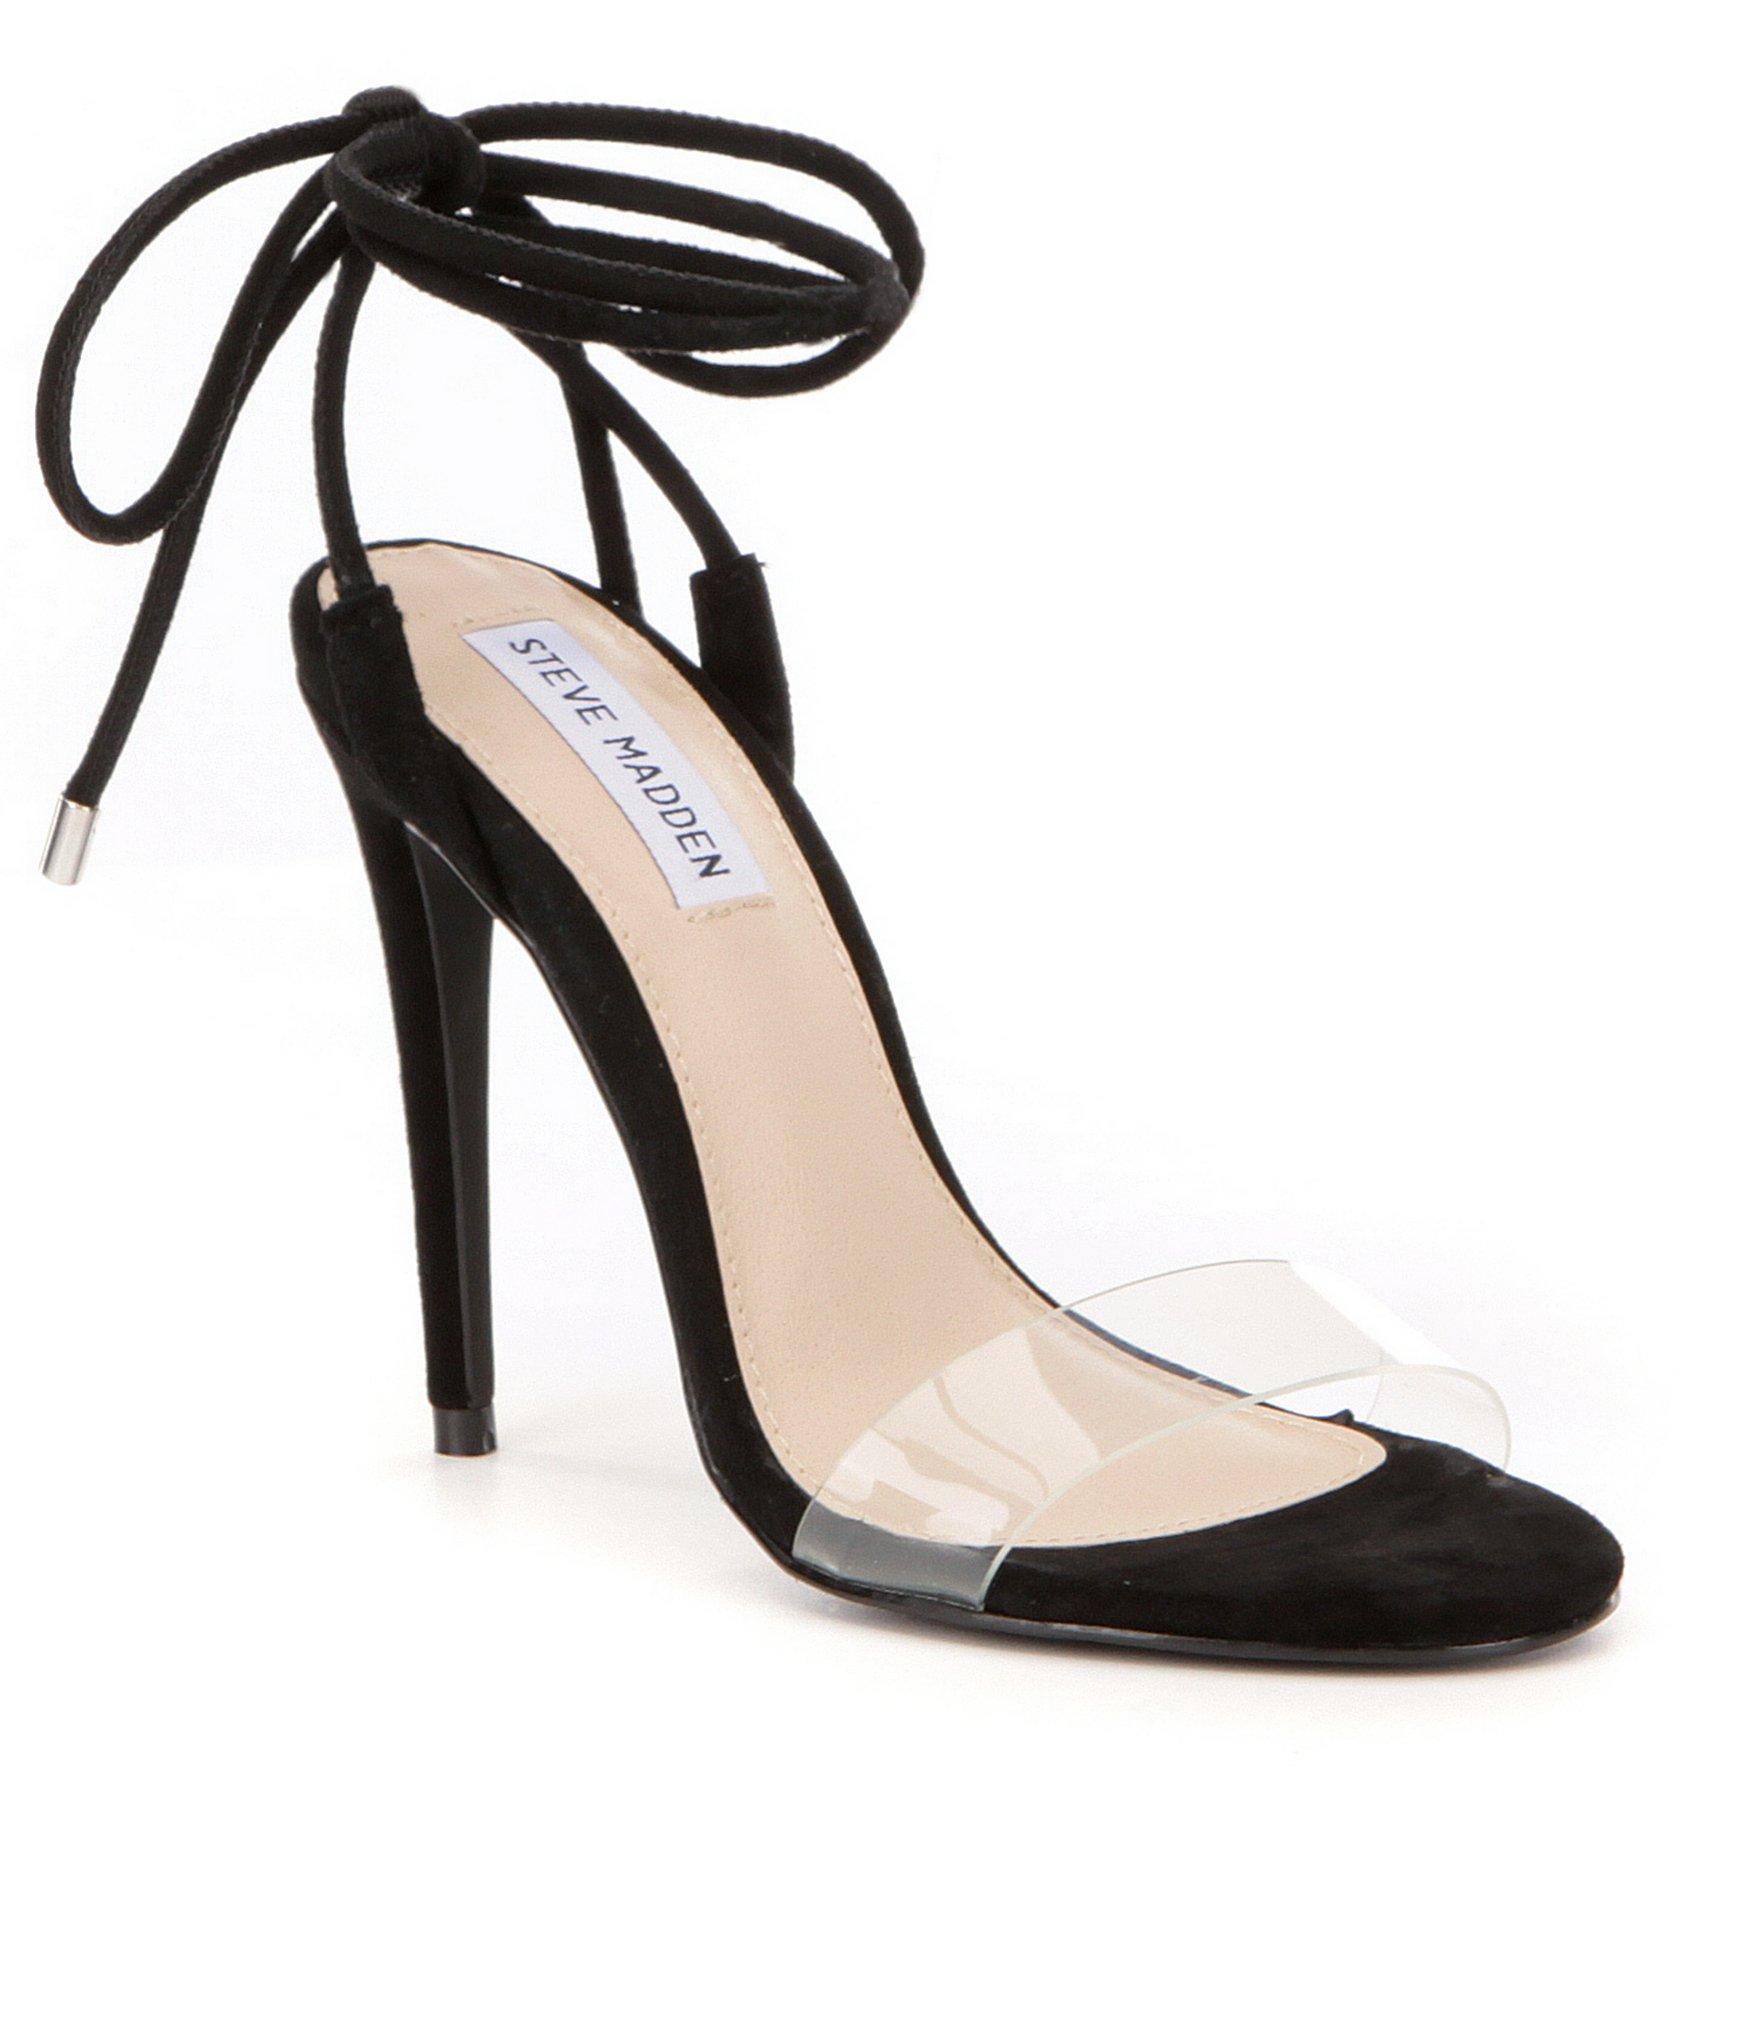 b0a085d0eeec43 Lyst - Steve Madden Lyla Ankle Tie Dress Sandals in Black